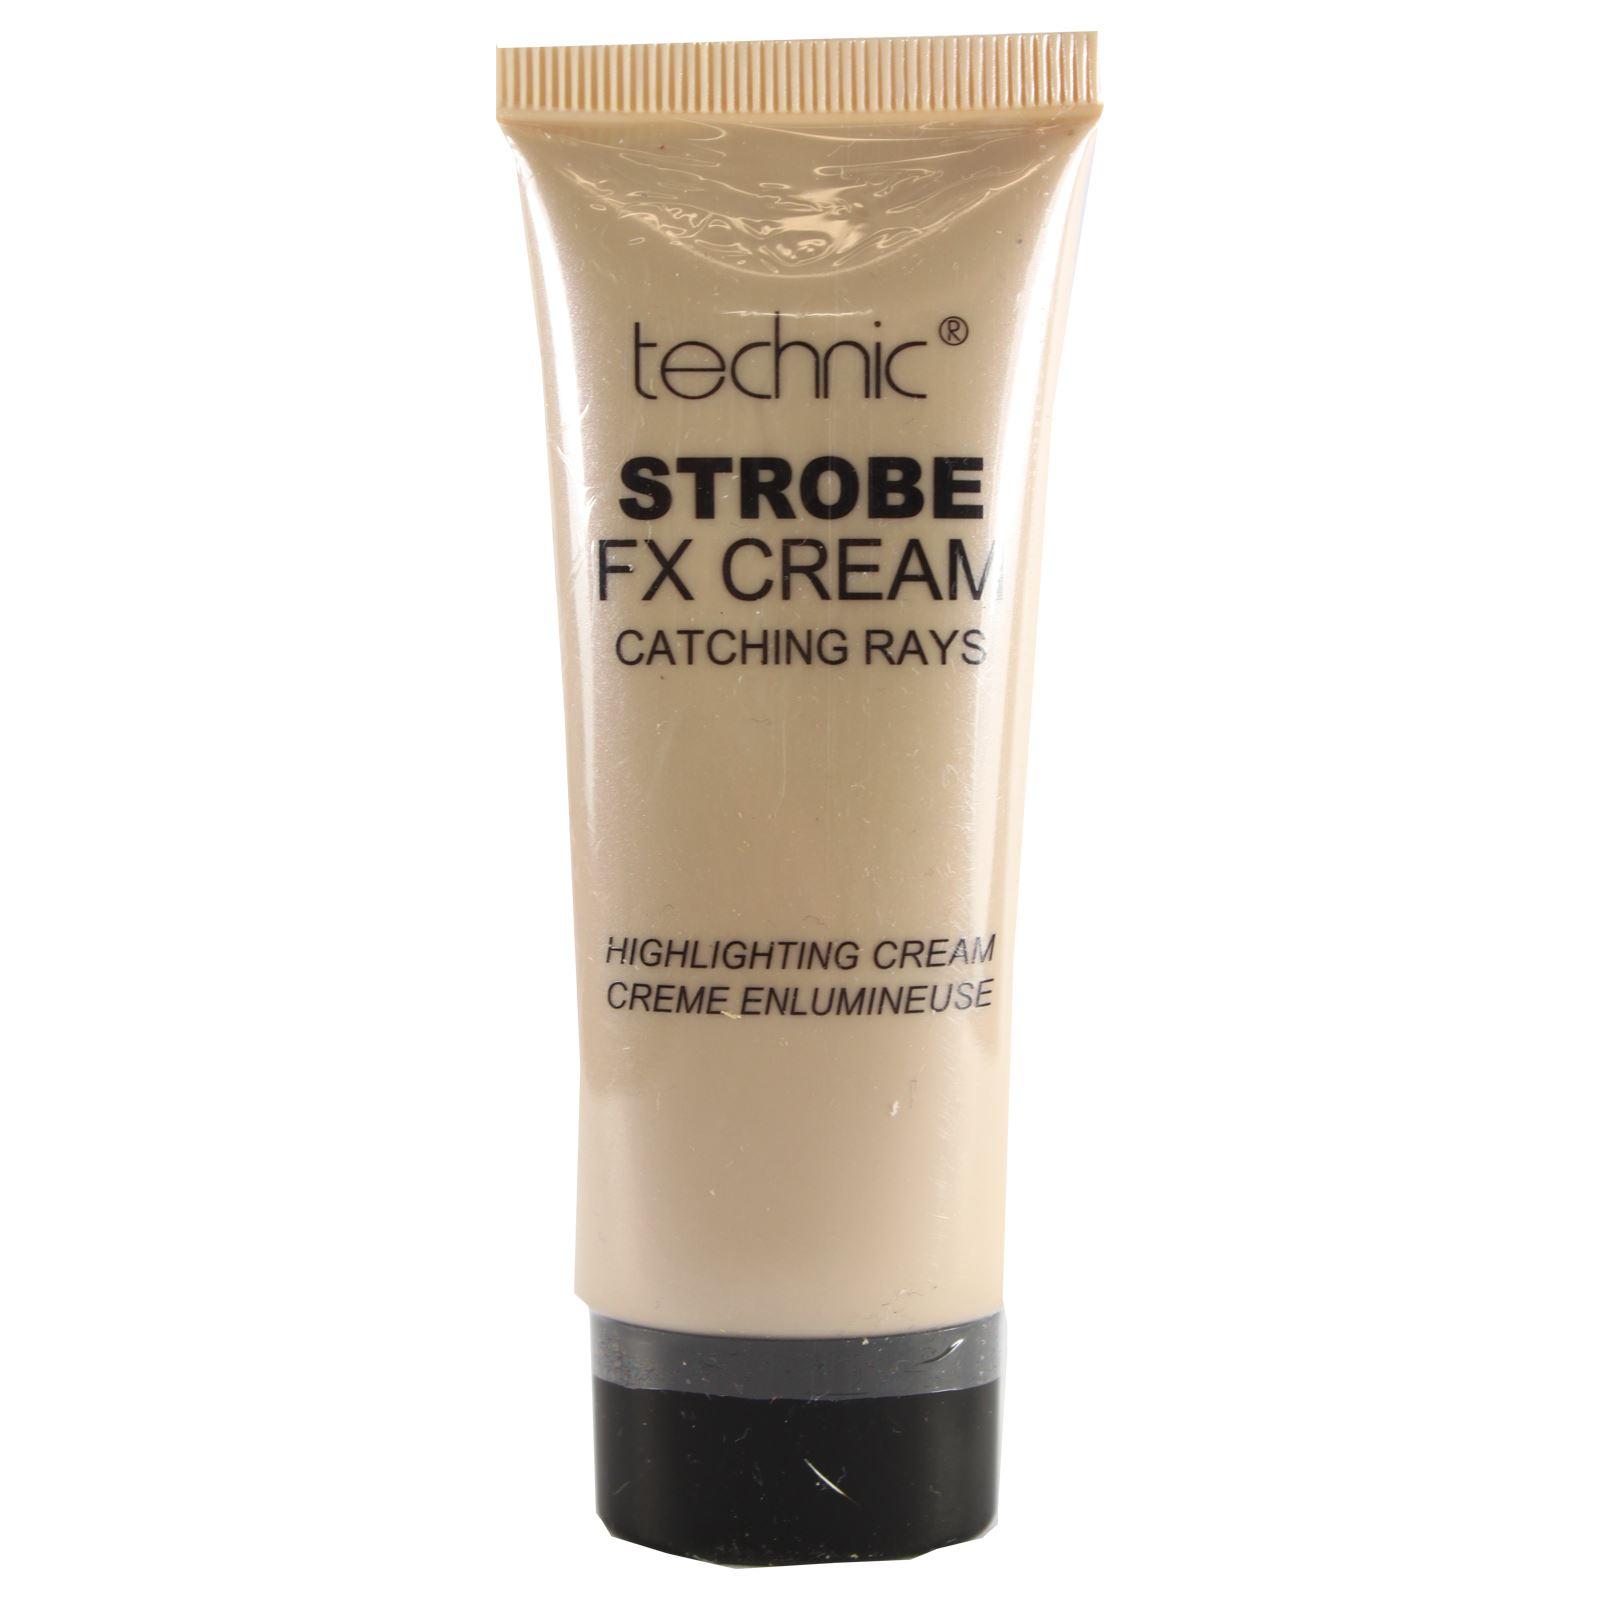 Technic-FX-Strobe-evidenziazione-Faccia-Crema-Rosa-Bronzo-Opal-Shimmer-EVIDENZIATORE